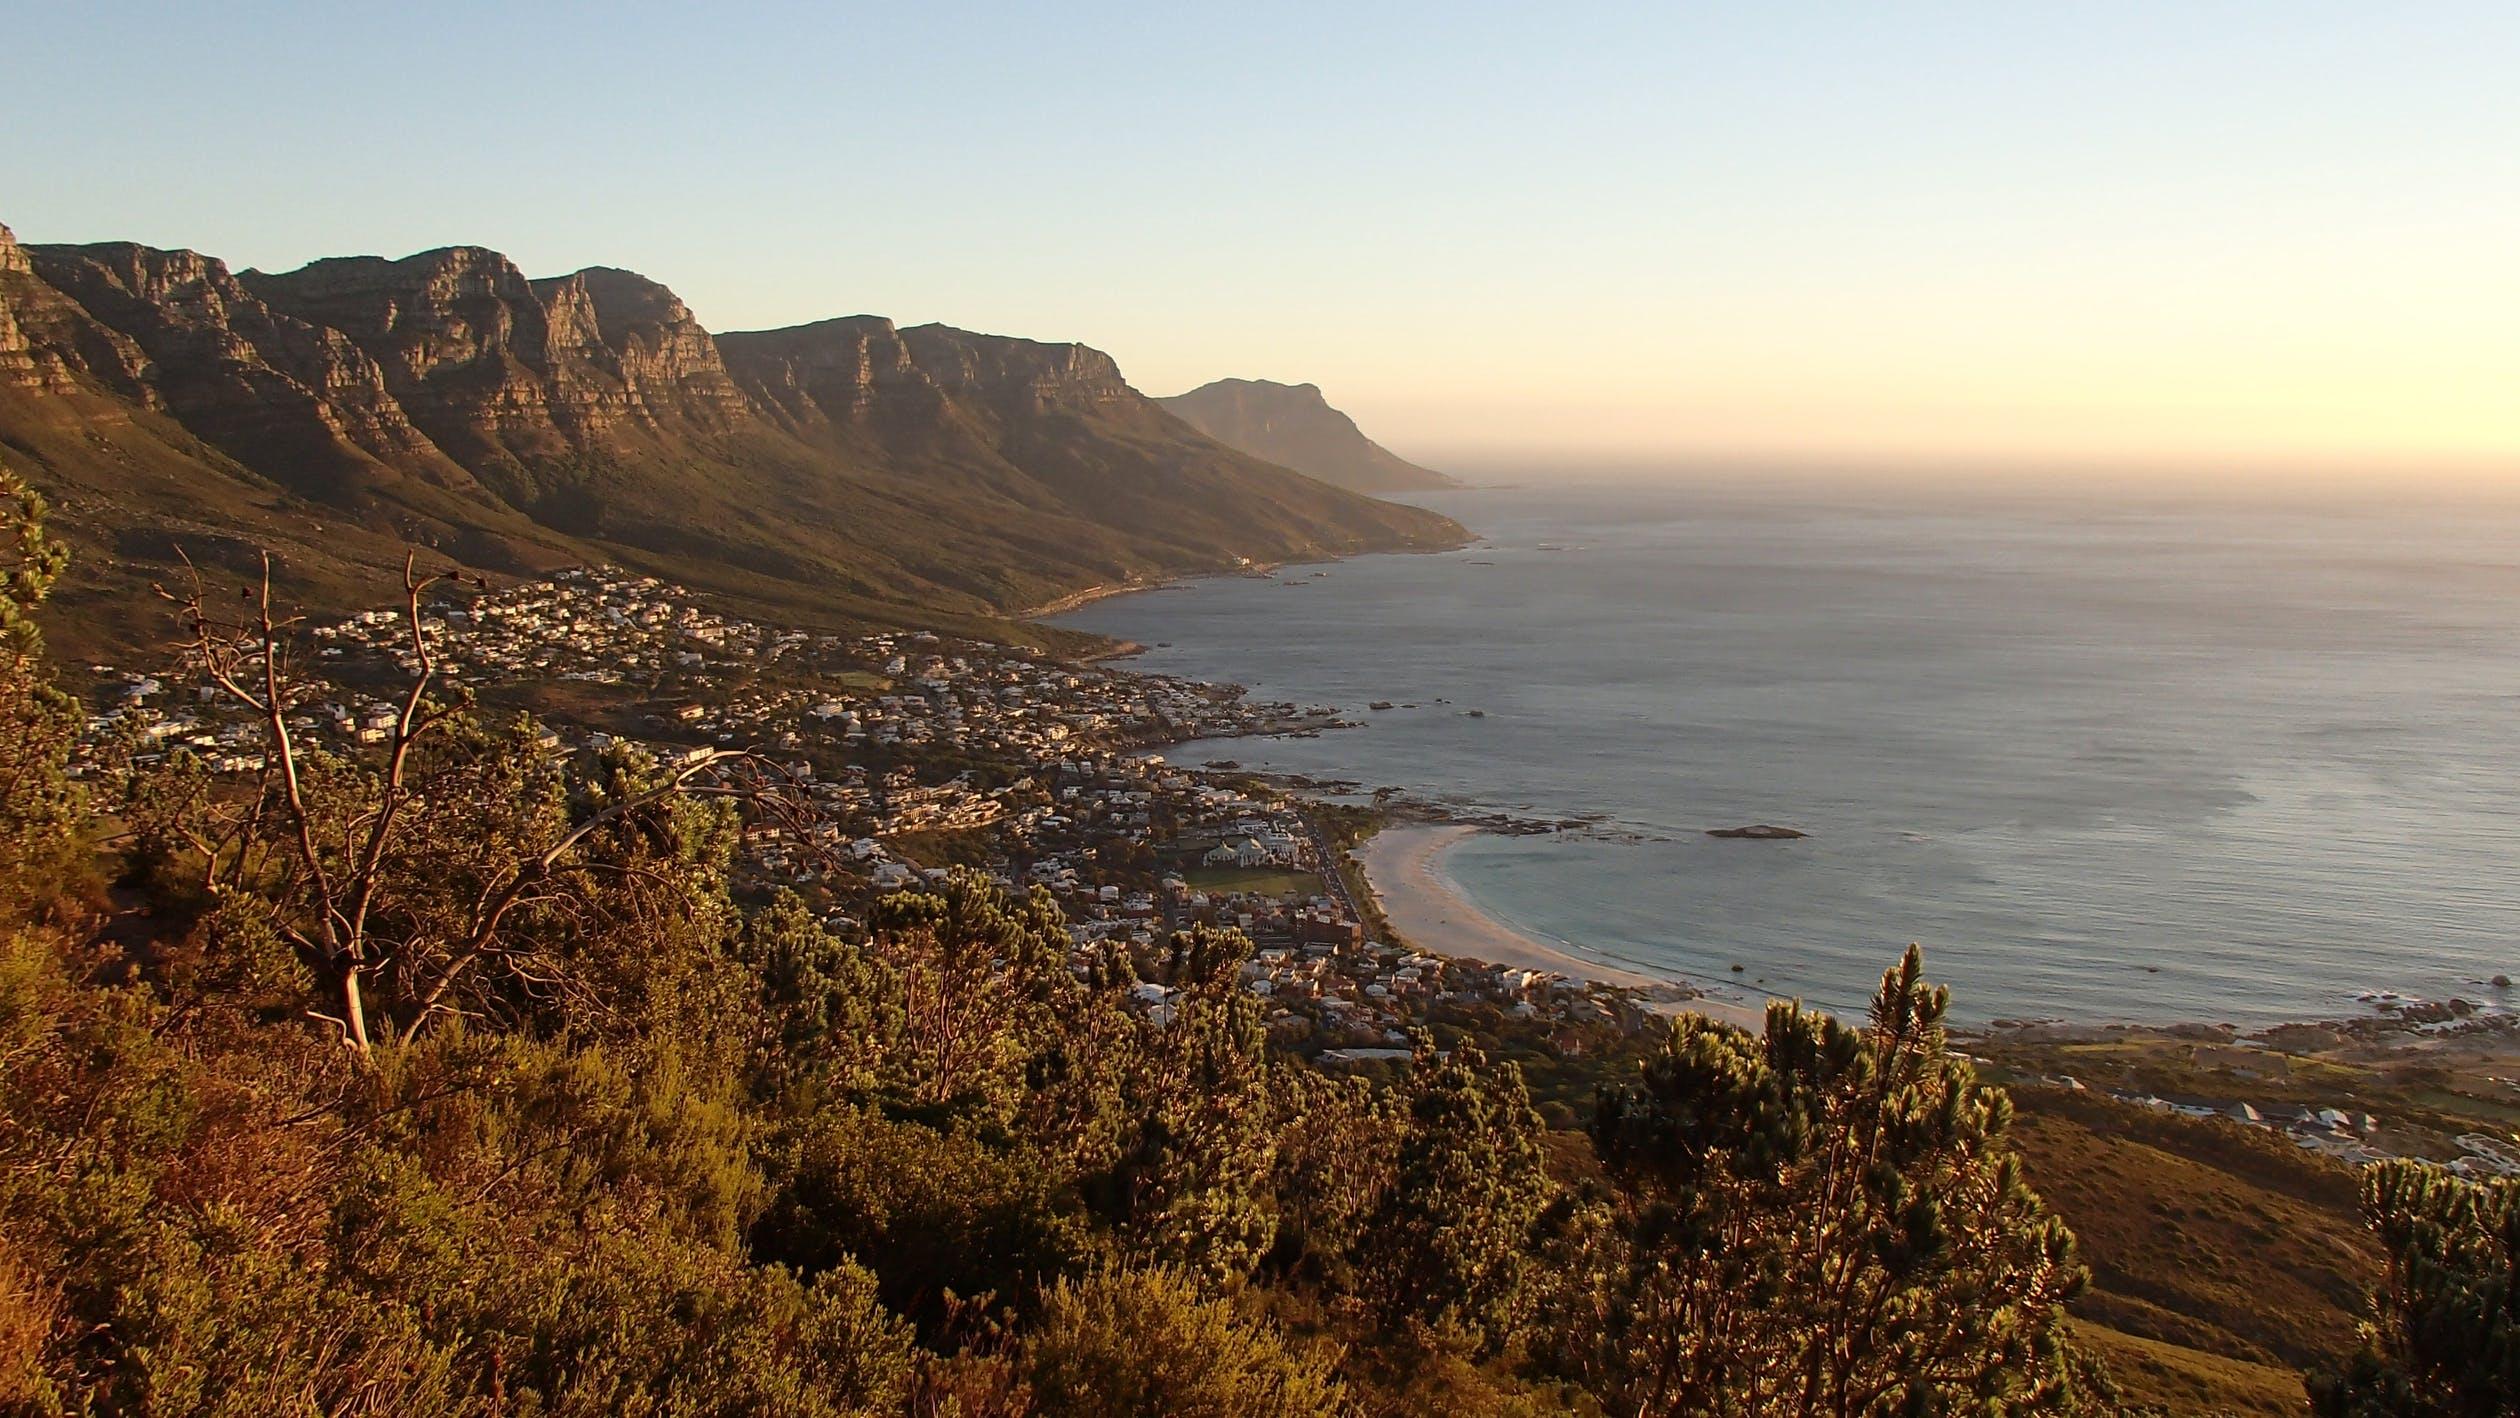 vista do litoral com montanhas de uma viagem para África do sul